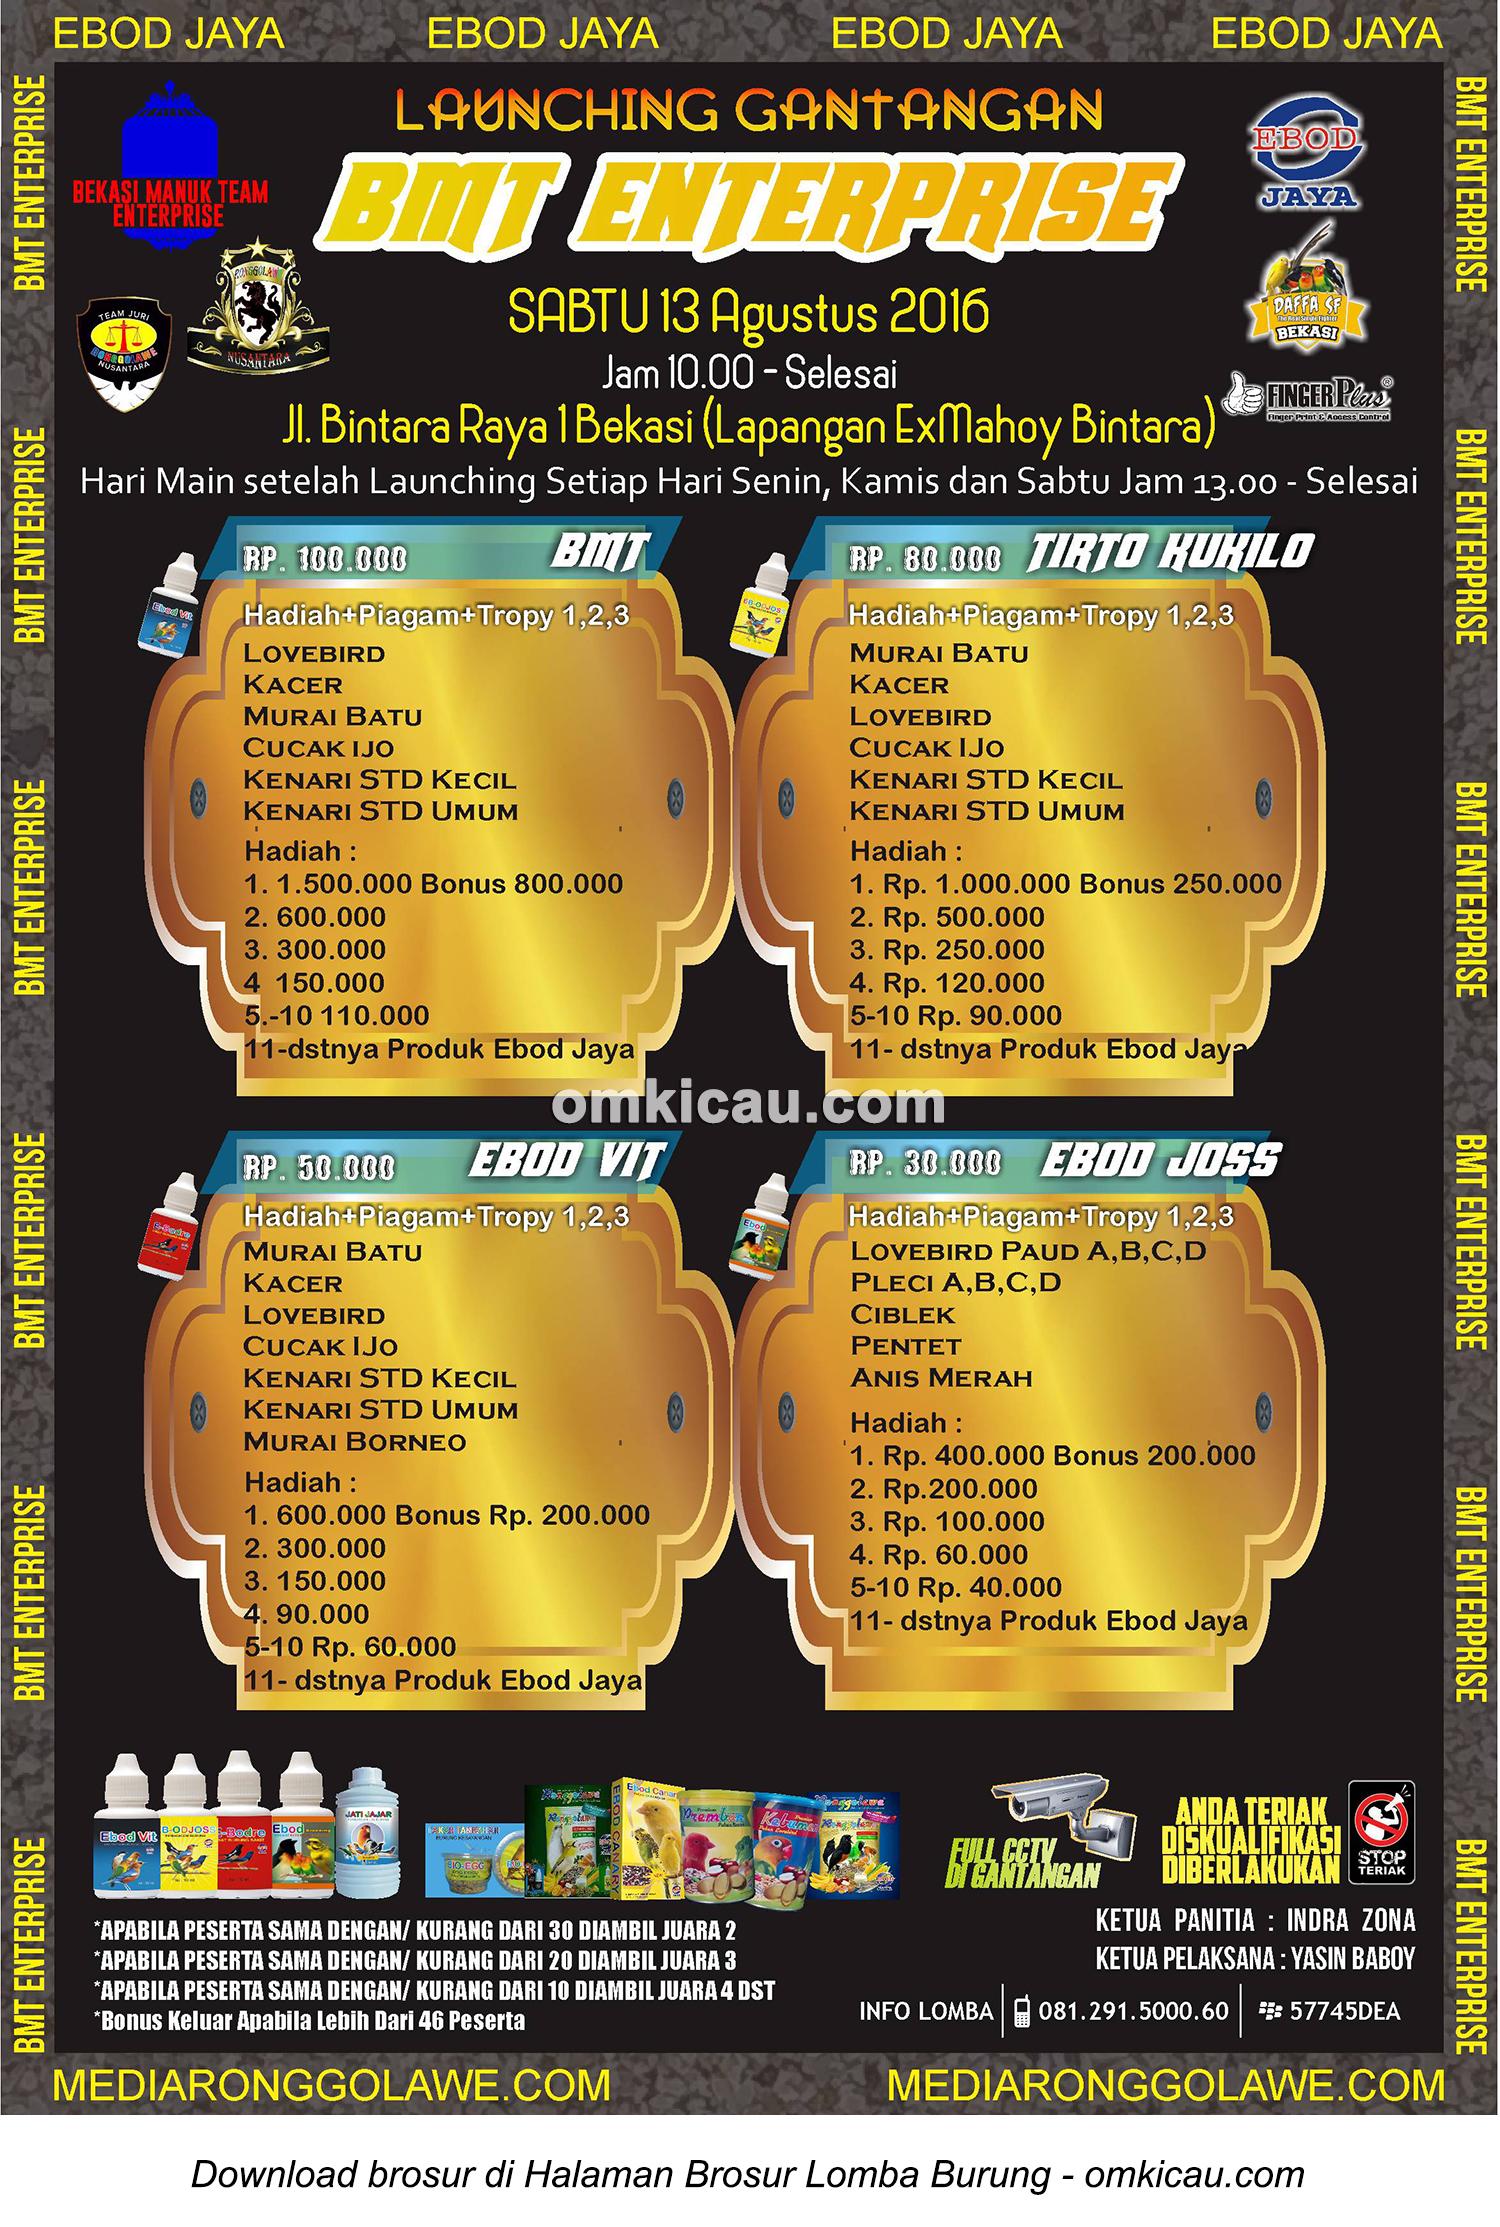 Brosur Lomba Burung Berkicau Launching Gantangan BMT Enterprise, Bekasi, 13 Agustus 2016